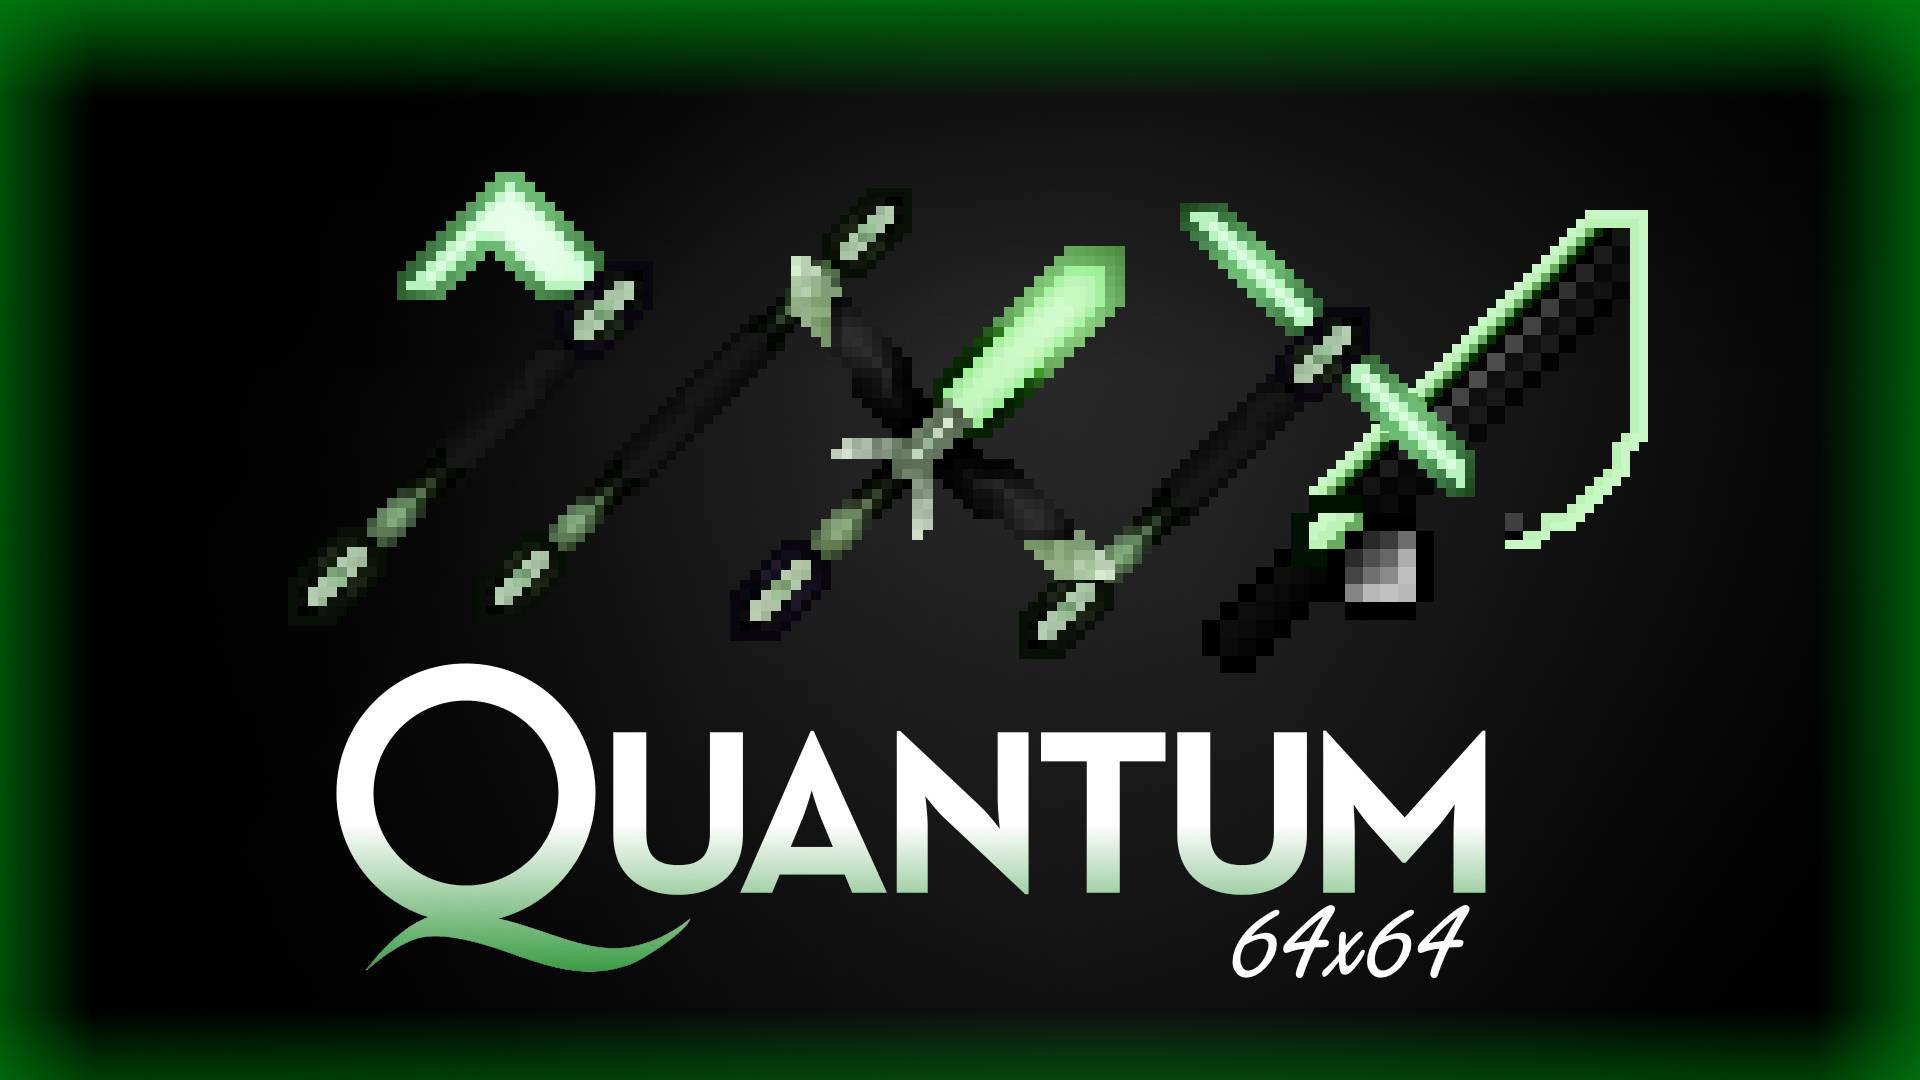 Quantum [64x64]